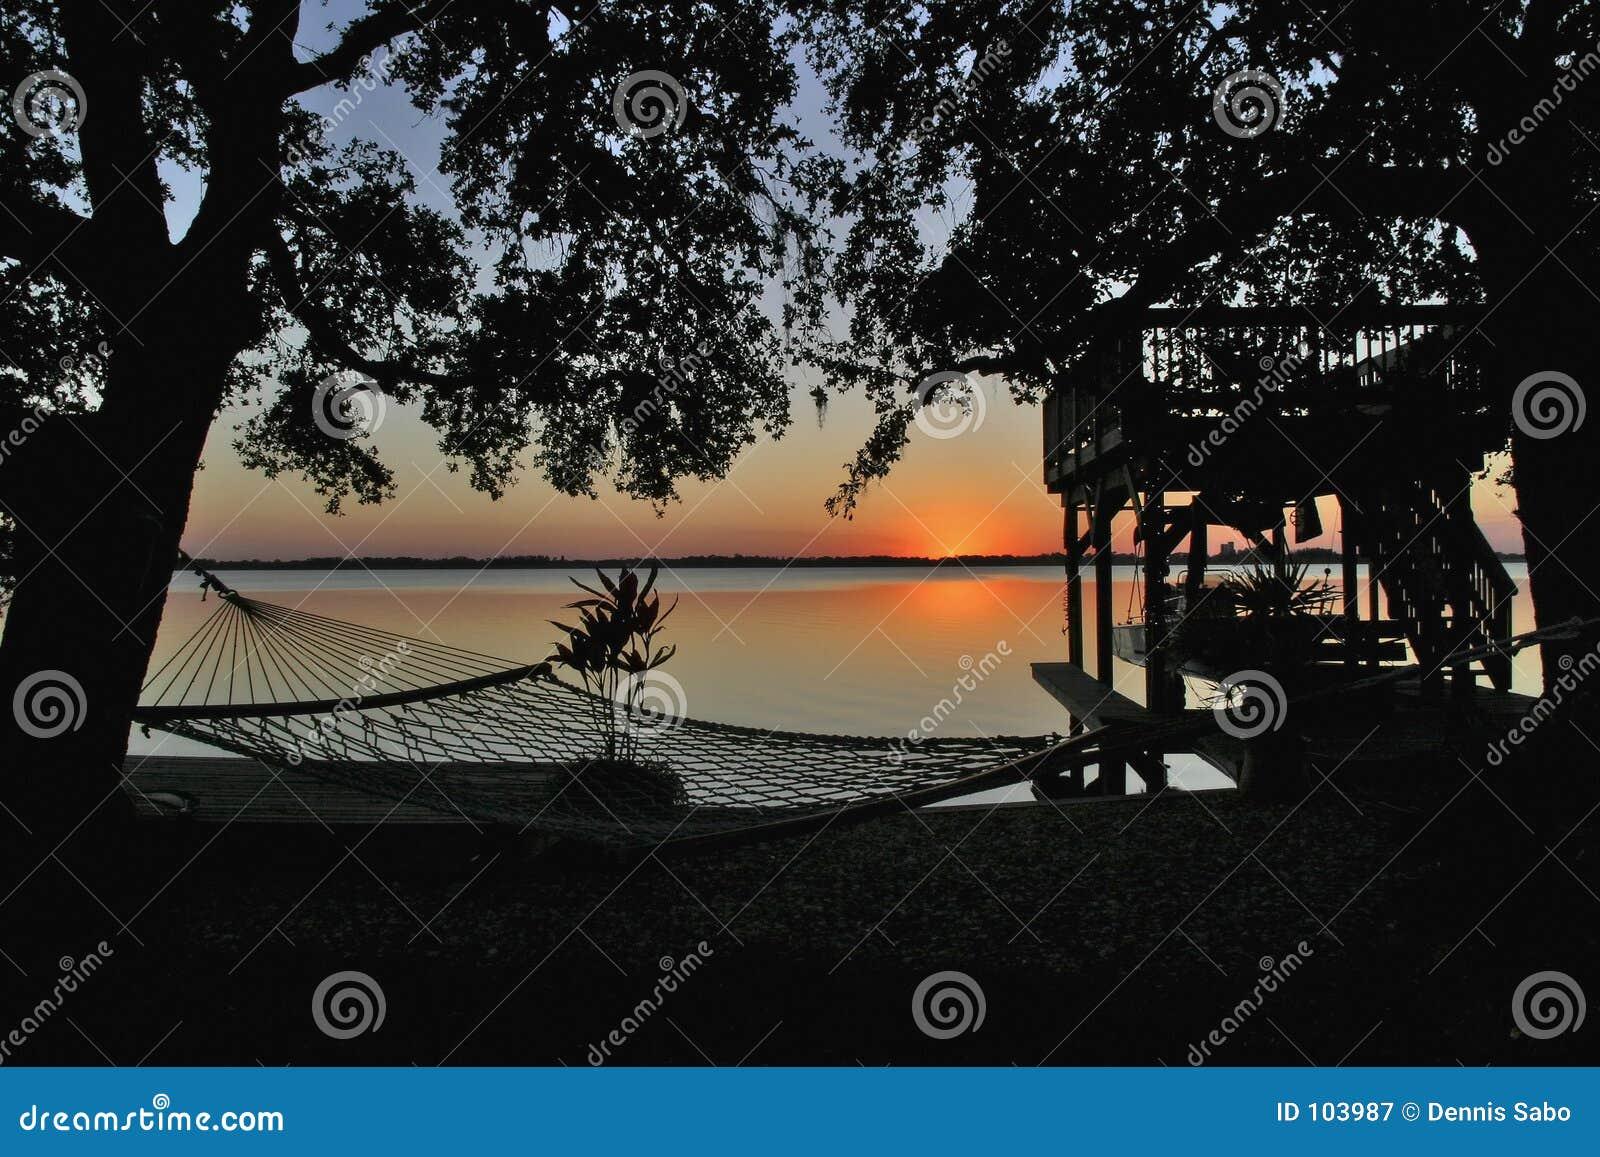 Lazy River Sunset